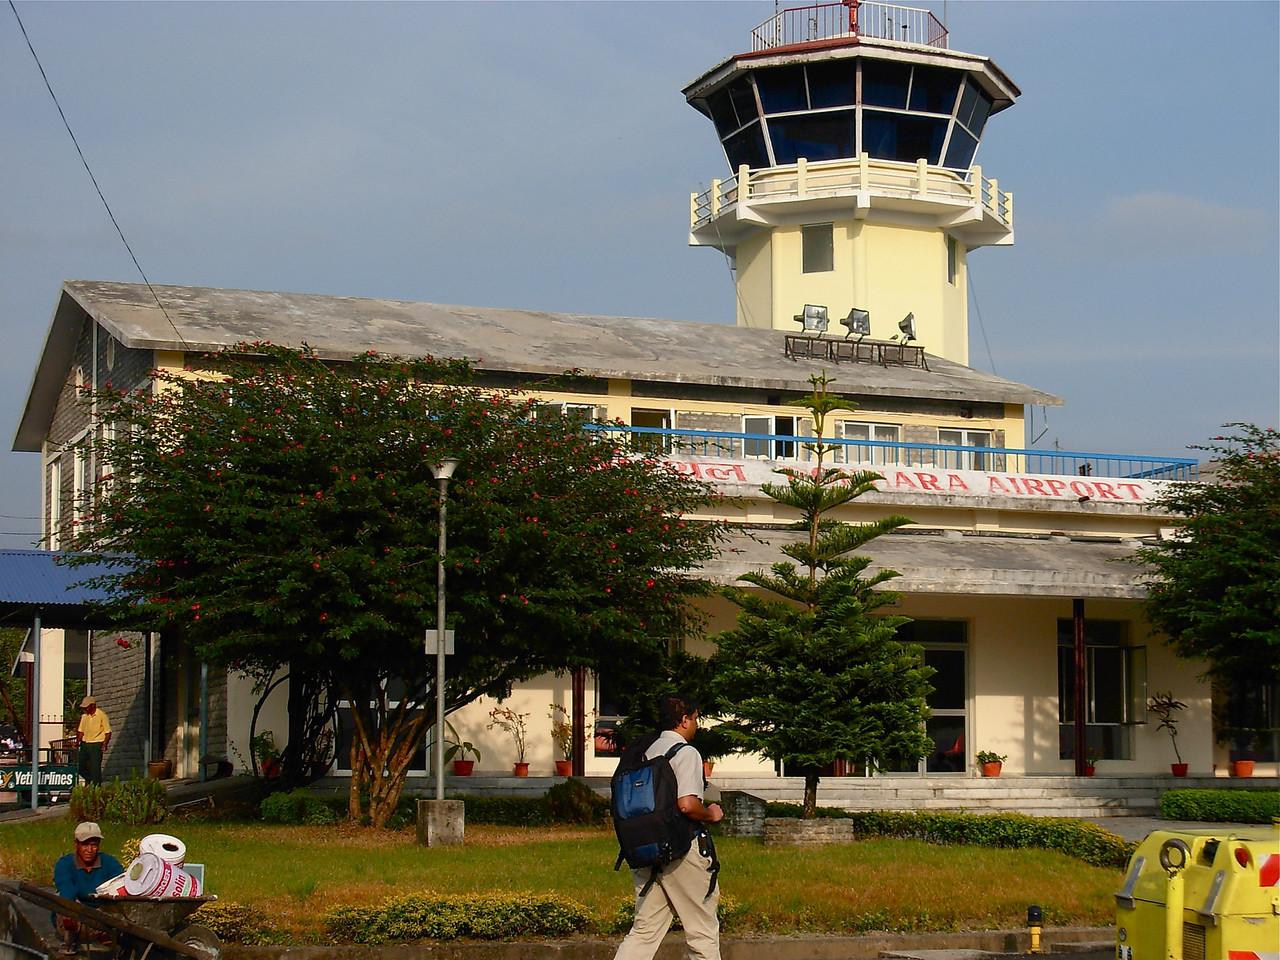 Pokhara Airport. Nov 15th